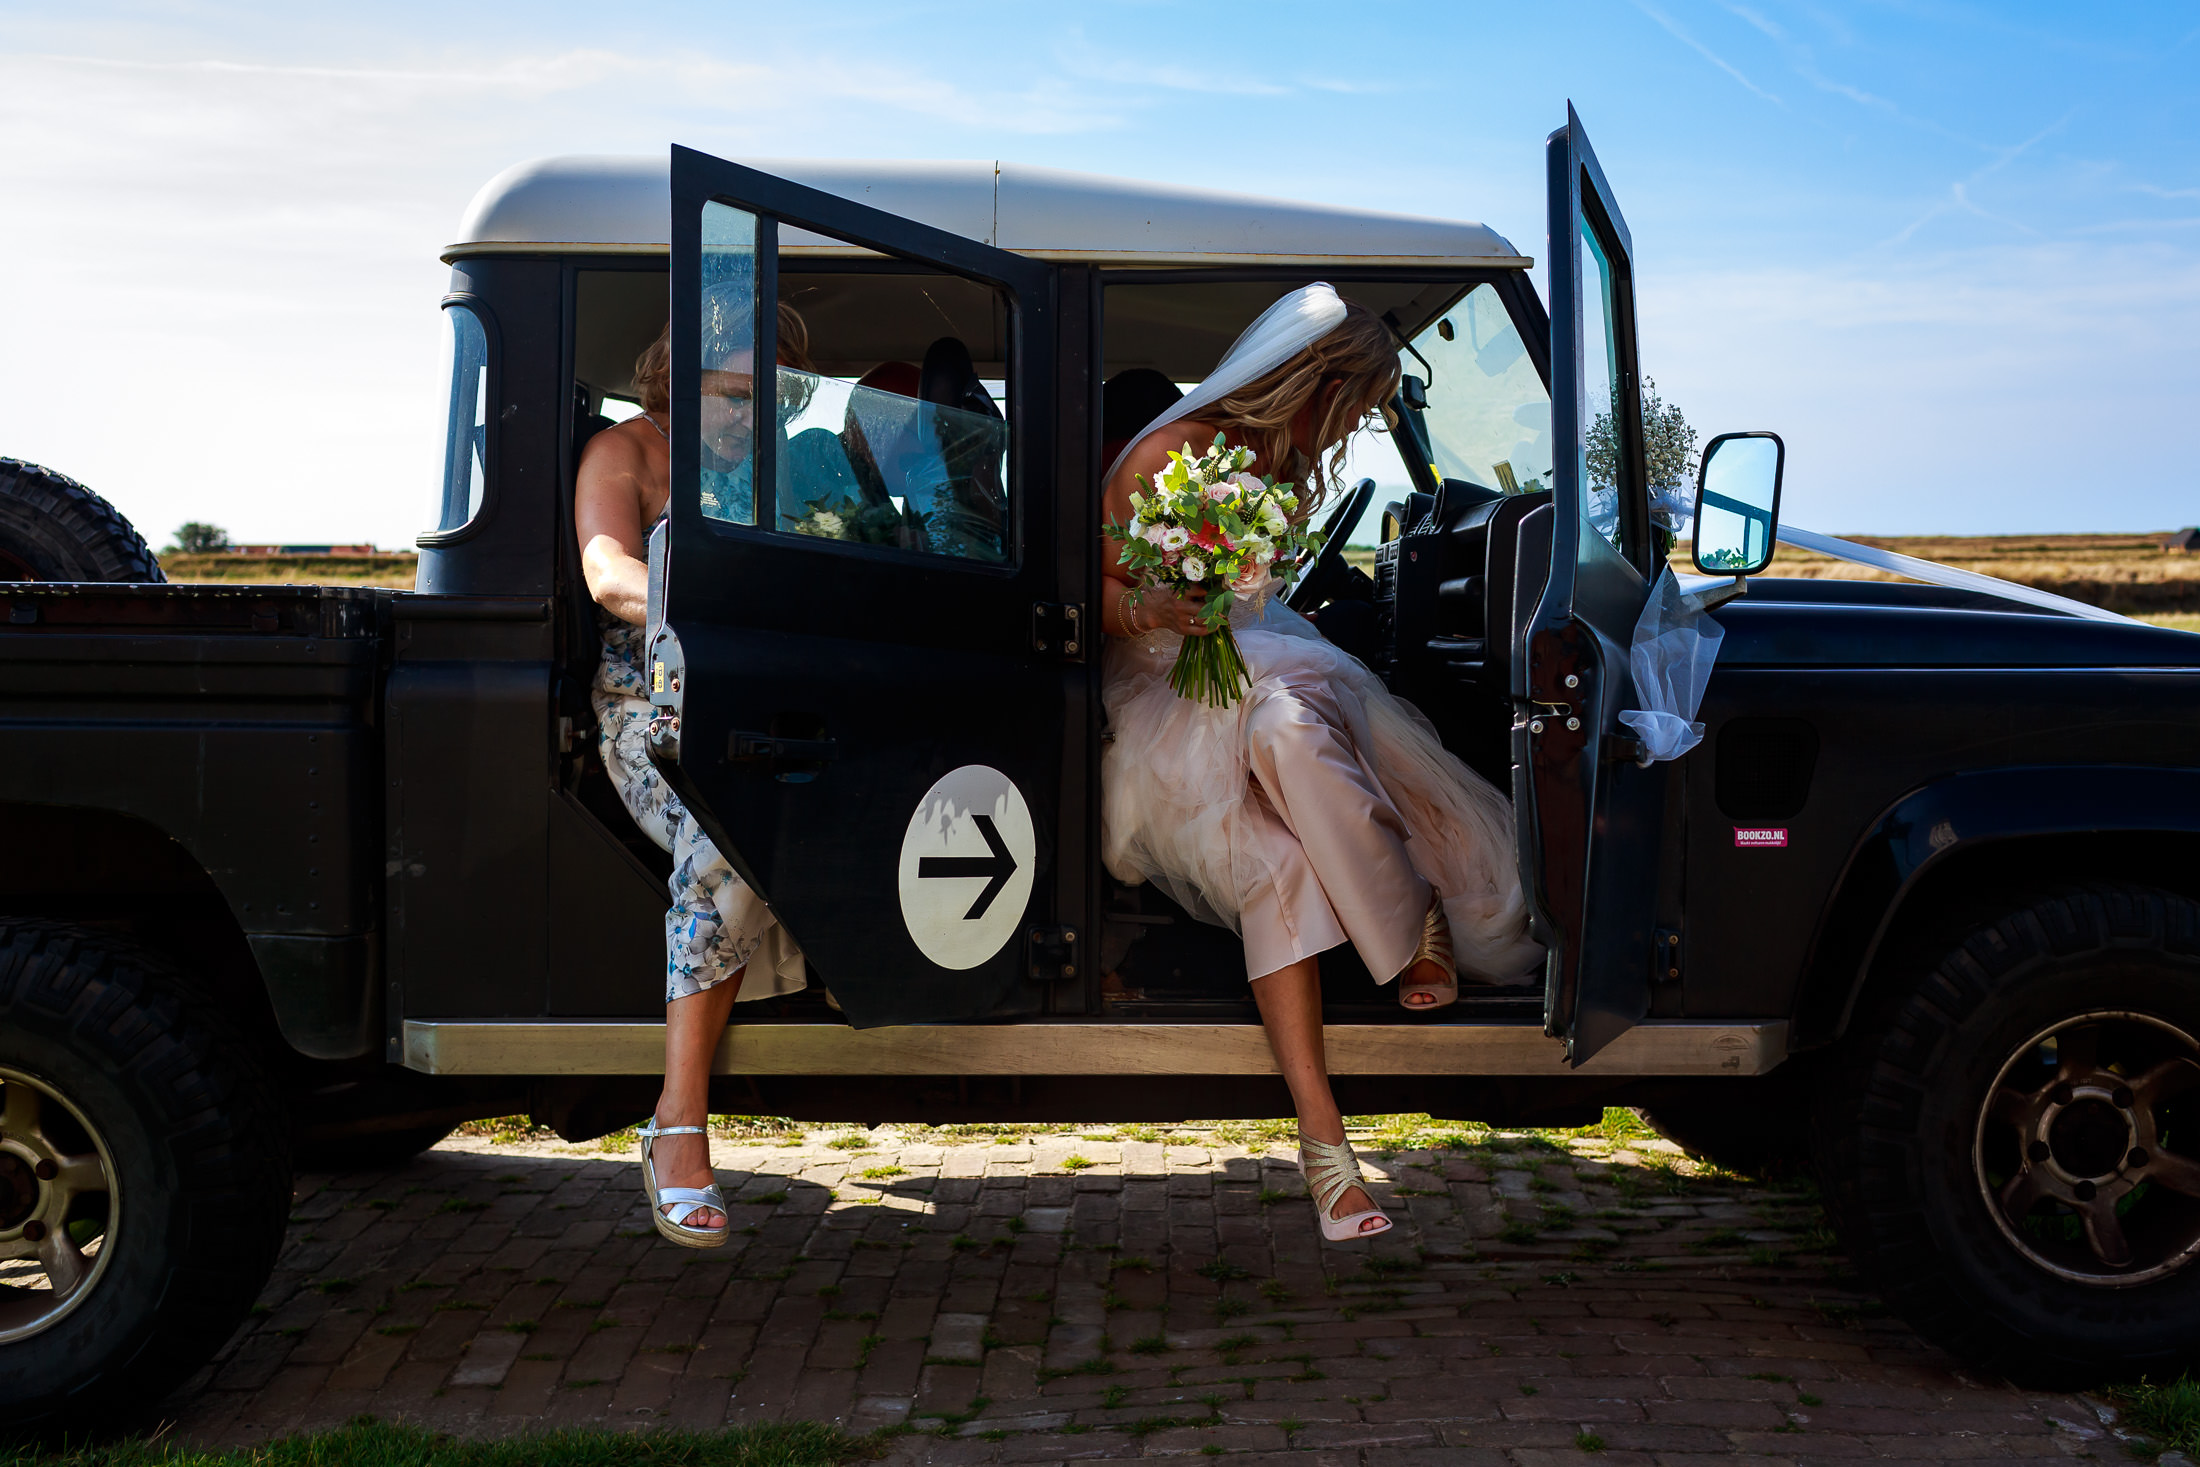 Trouwen op een eiland | Ongeposeerde trouwfotografie | Trouwfotograaf Noord-Holland | Bruidsfotograaf | Bruidsfotografie